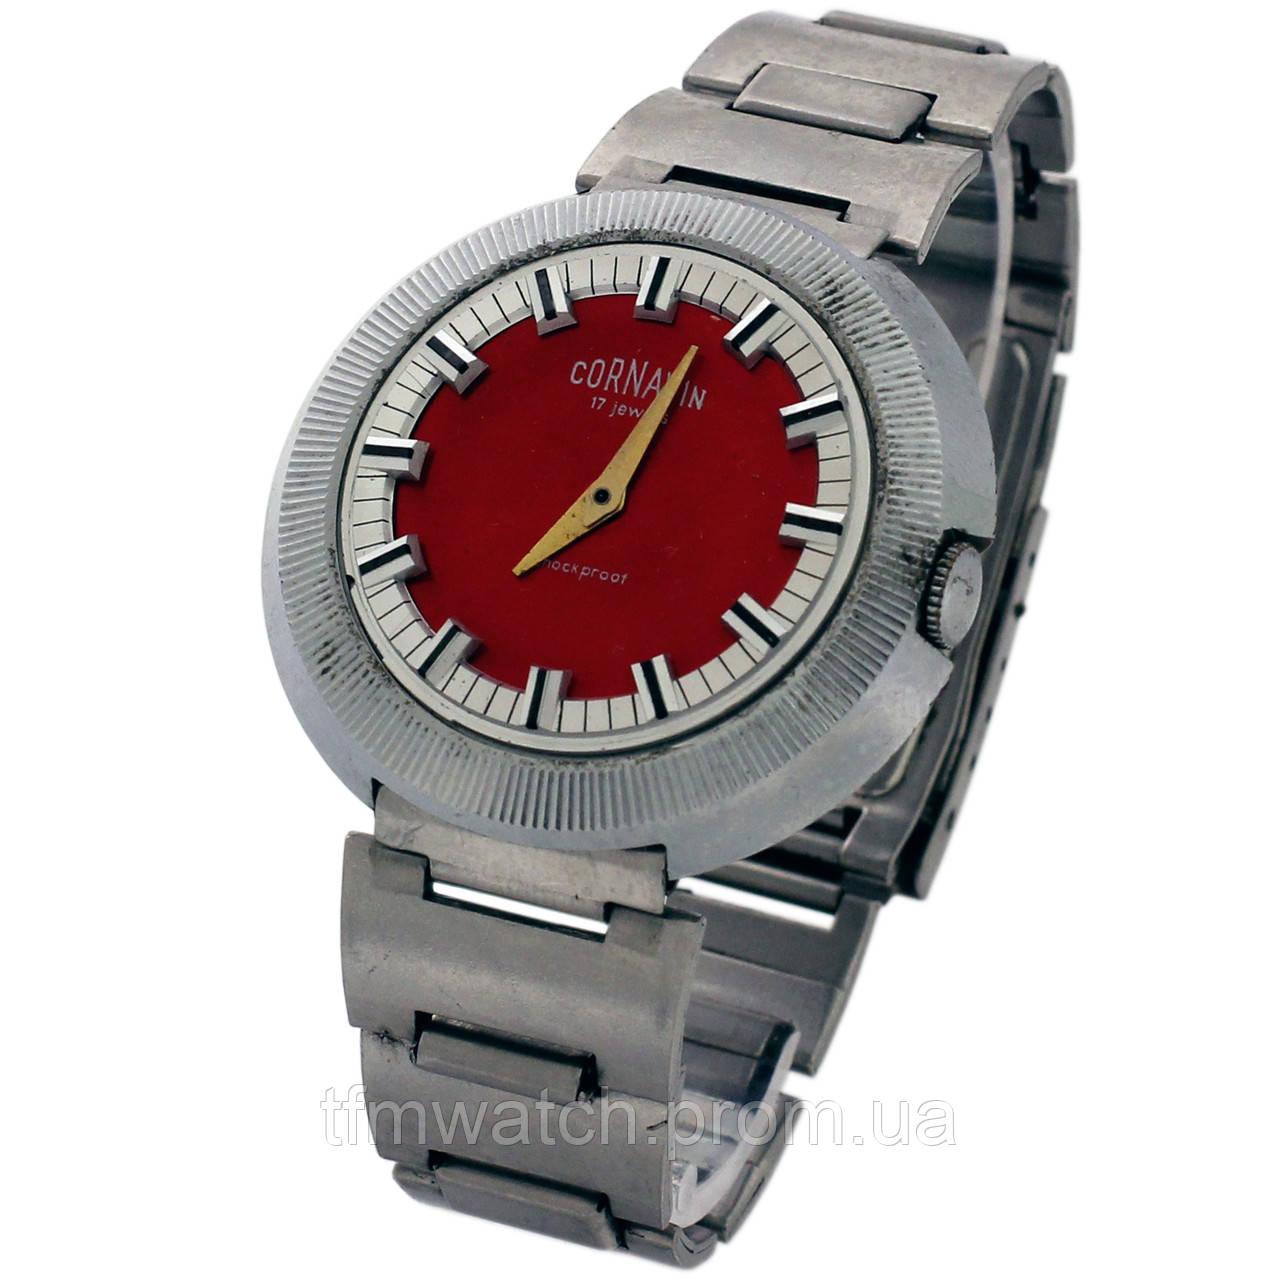 Баланс к часам купить куплю швейцарские механические часы